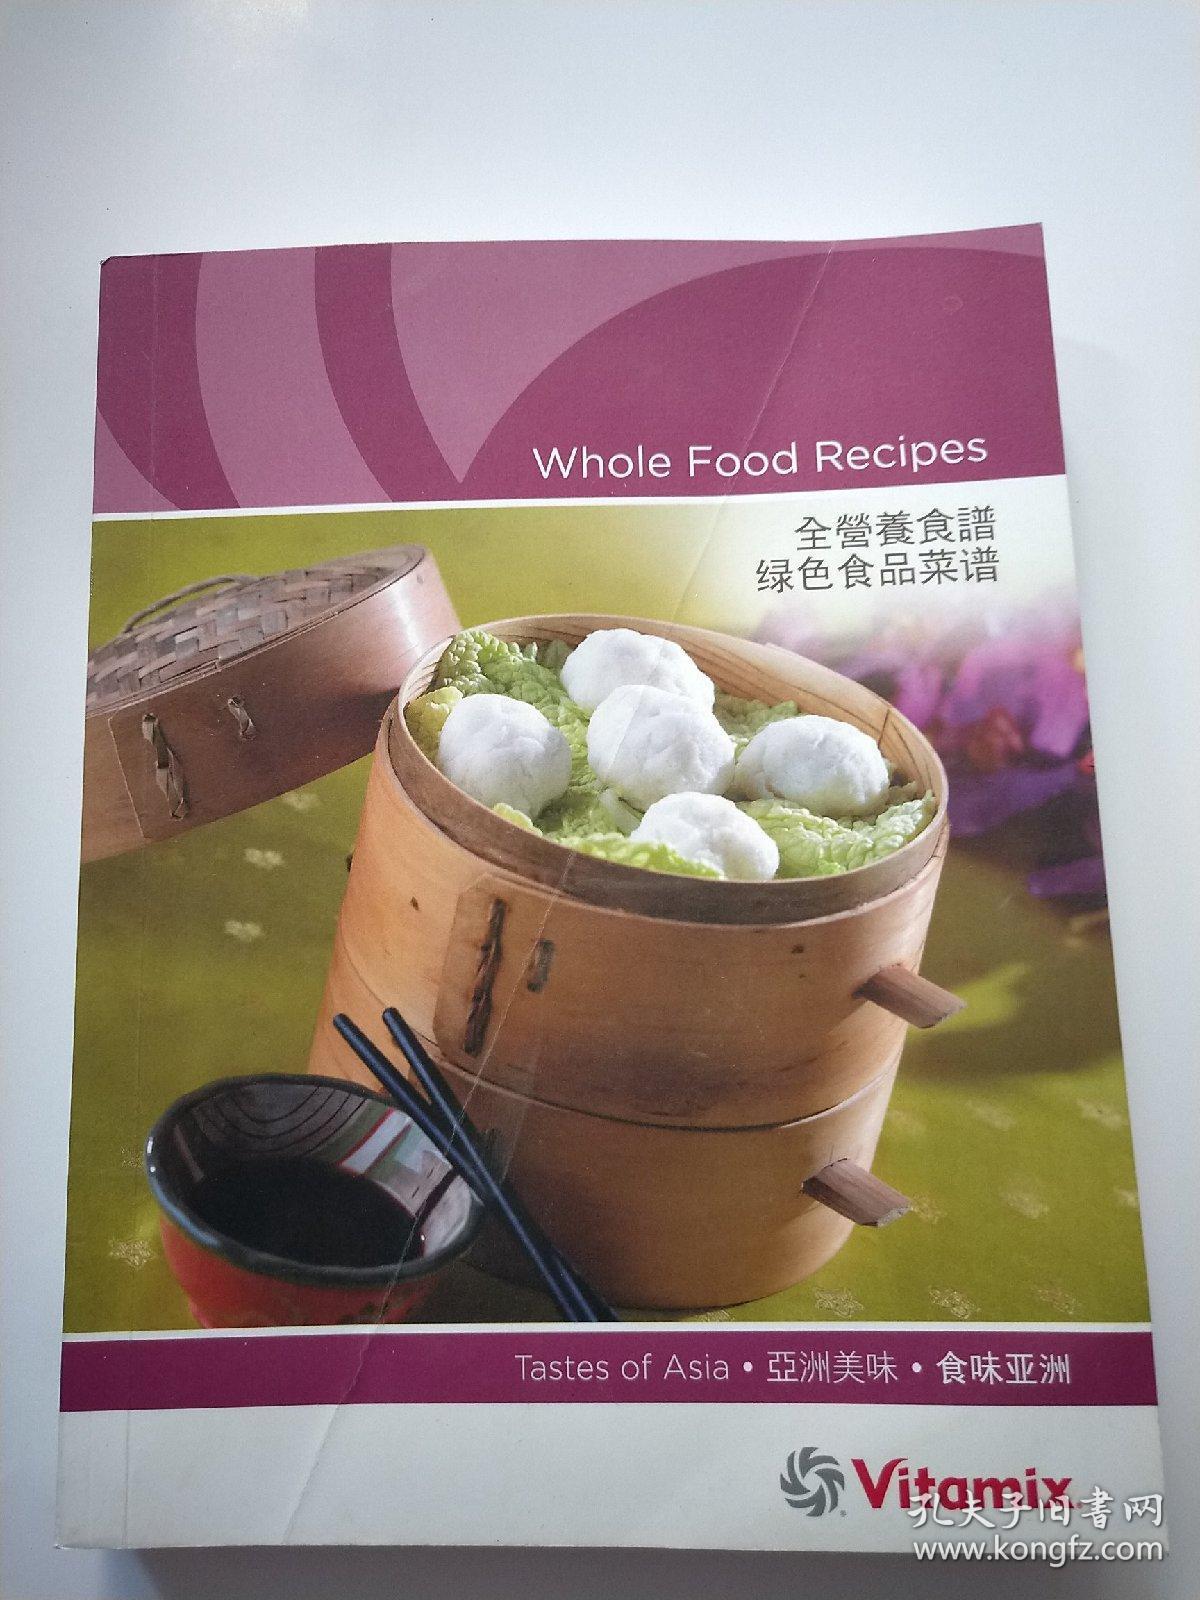 菜谱养菜谱绿色食品全营炒菜食谱杭州滑图片